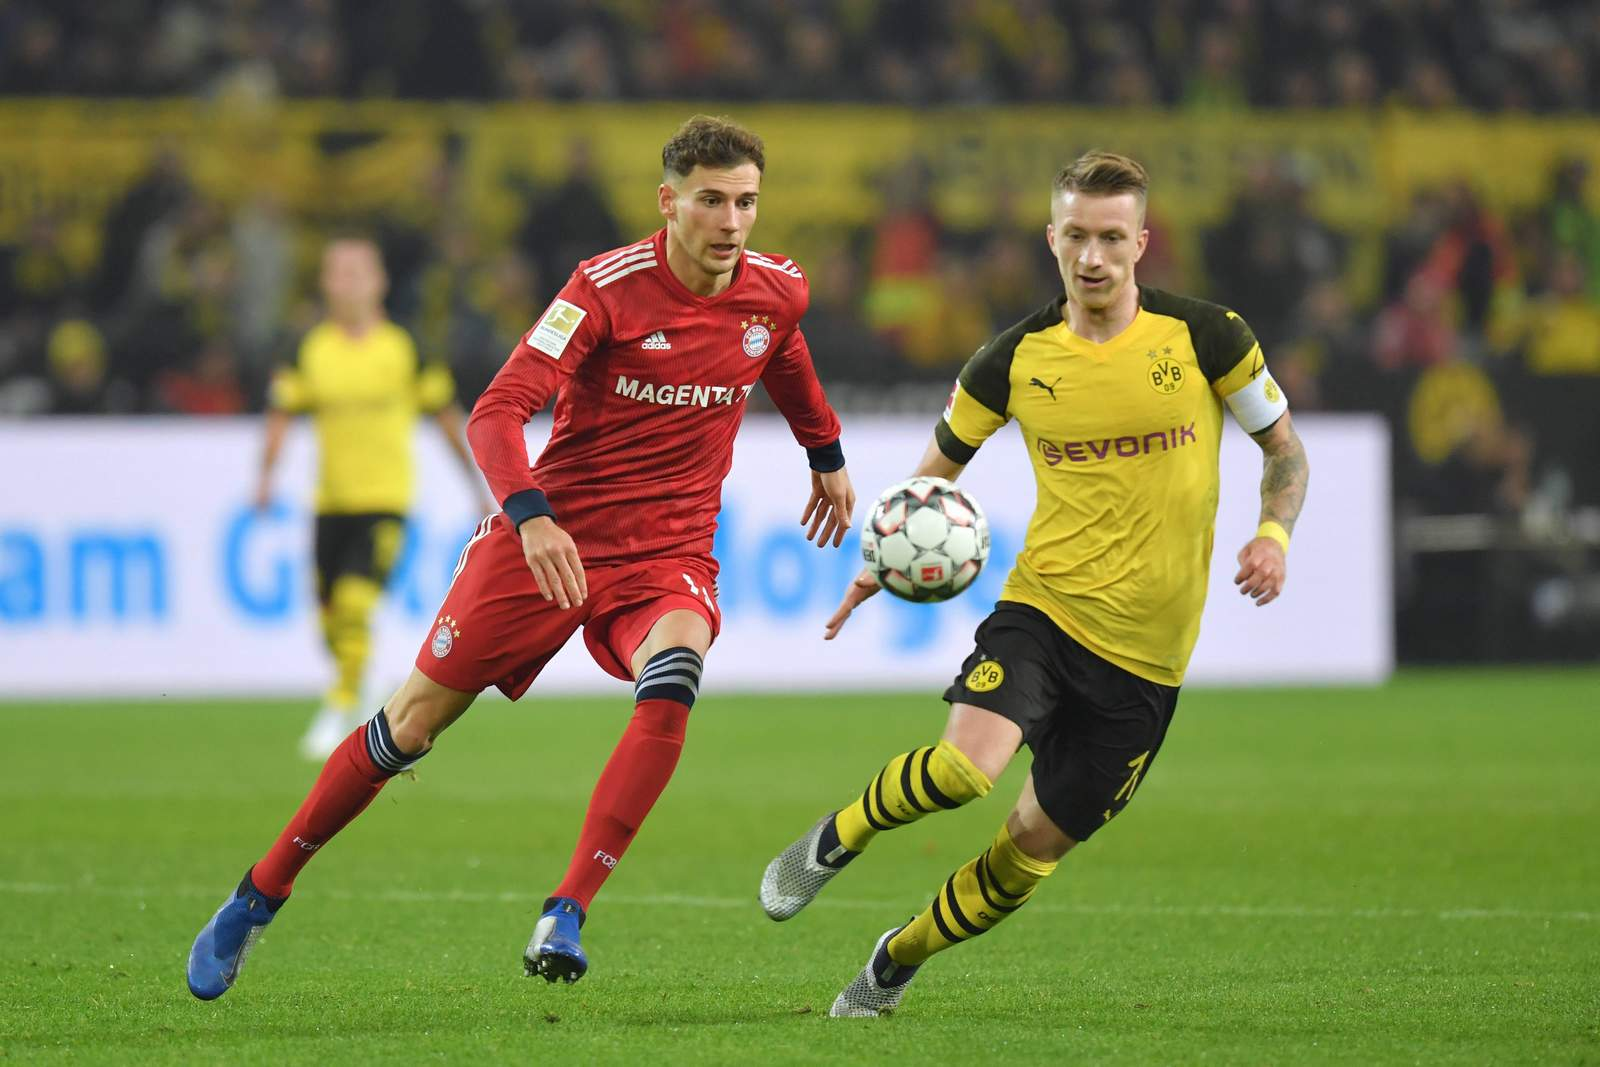 Setzt sich Goretzka gegen Reus durch? Jetzt auf BVB gegen Bayern wetten